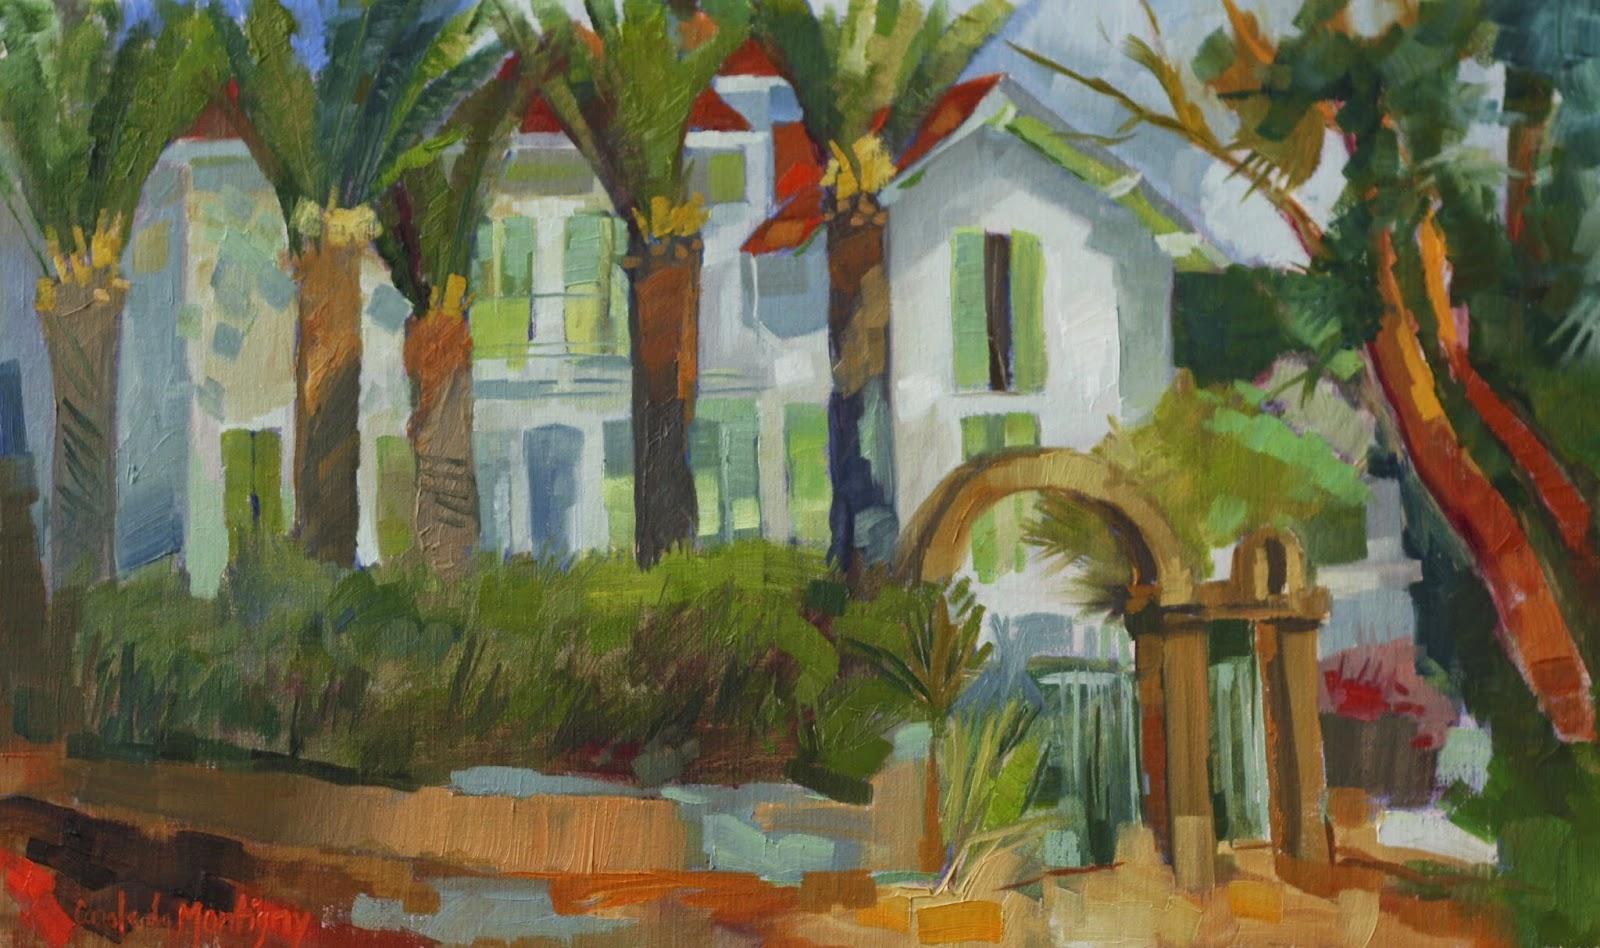 carole de montigny artiste peinture 38 me salon des arts du pecq. Black Bedroom Furniture Sets. Home Design Ideas